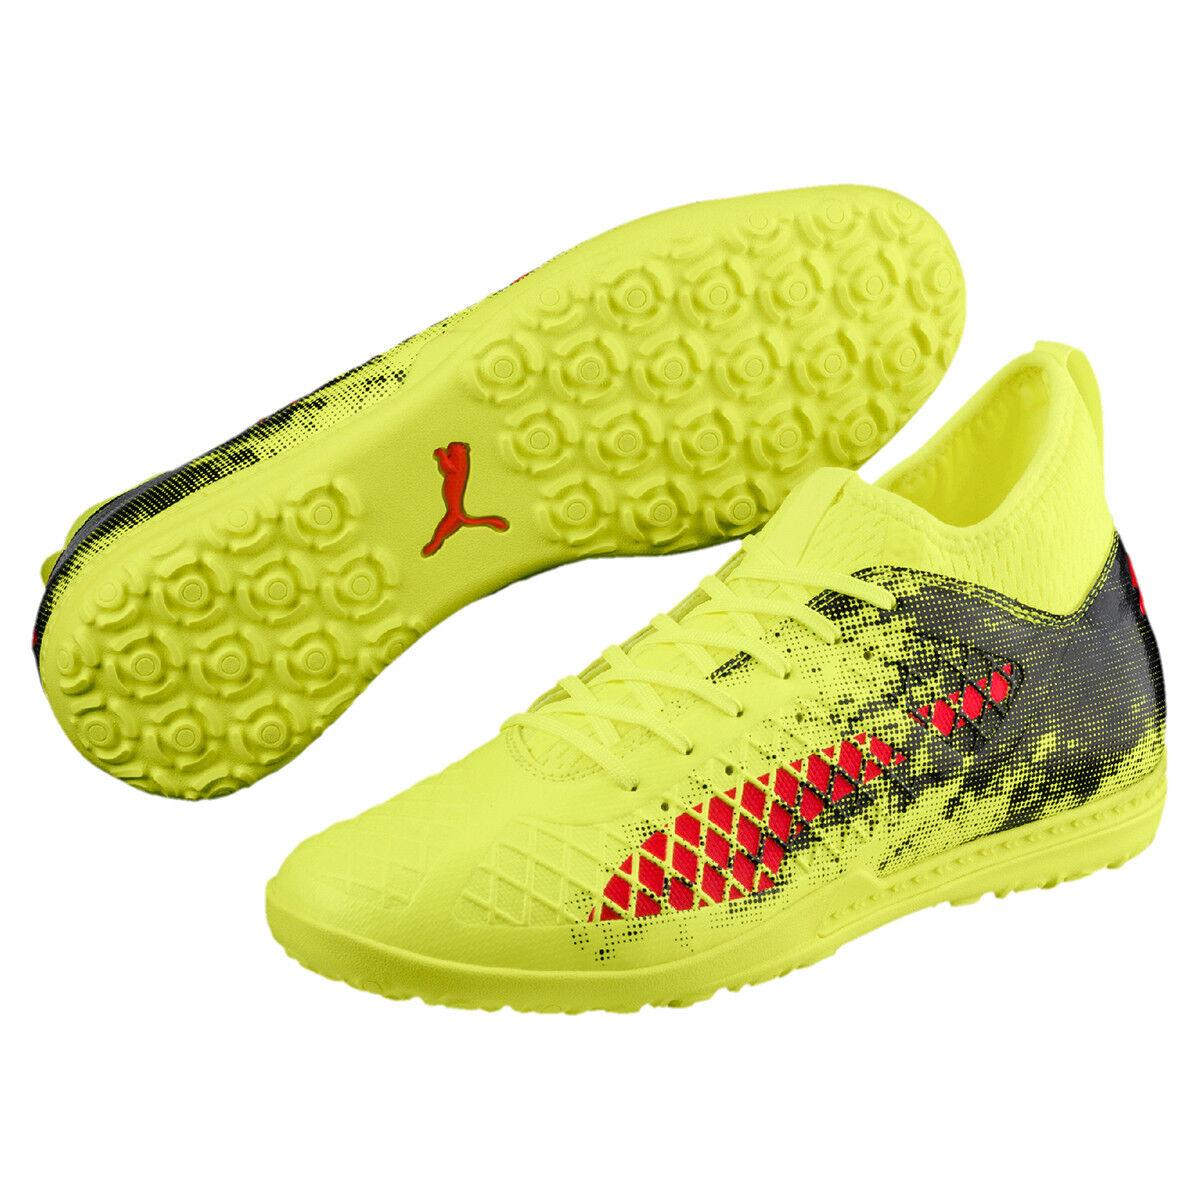 Puma Zapatos de Fútbol Futuro 18.3 Tt Fútbol Hombre 104335 01